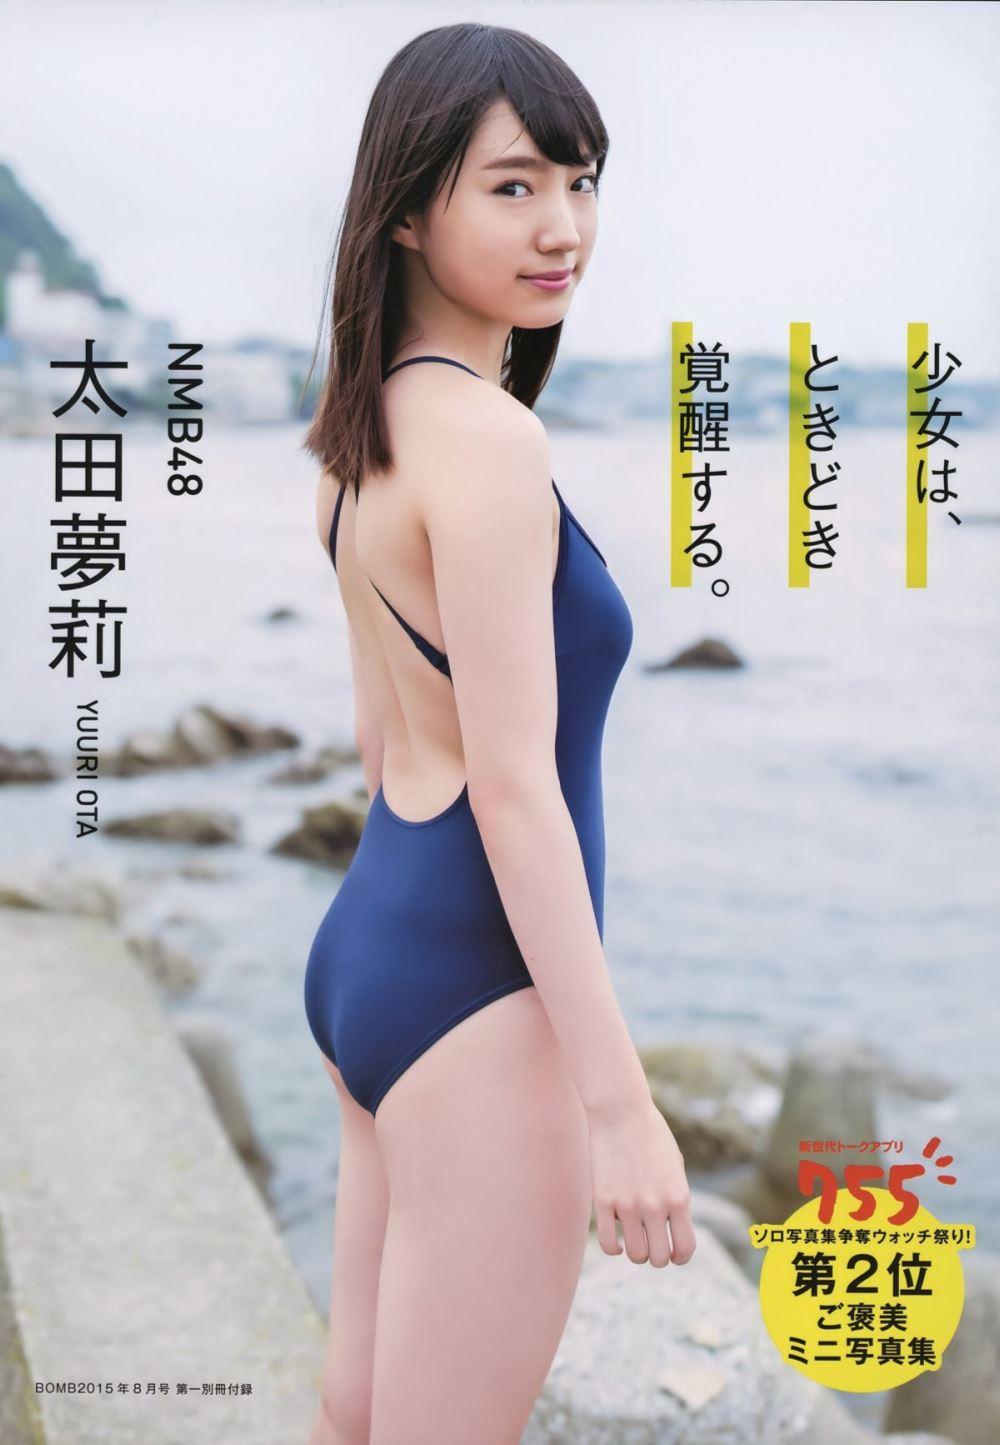 太田夢莉 1万年に1人 可愛い アイドル 水着 画像 20